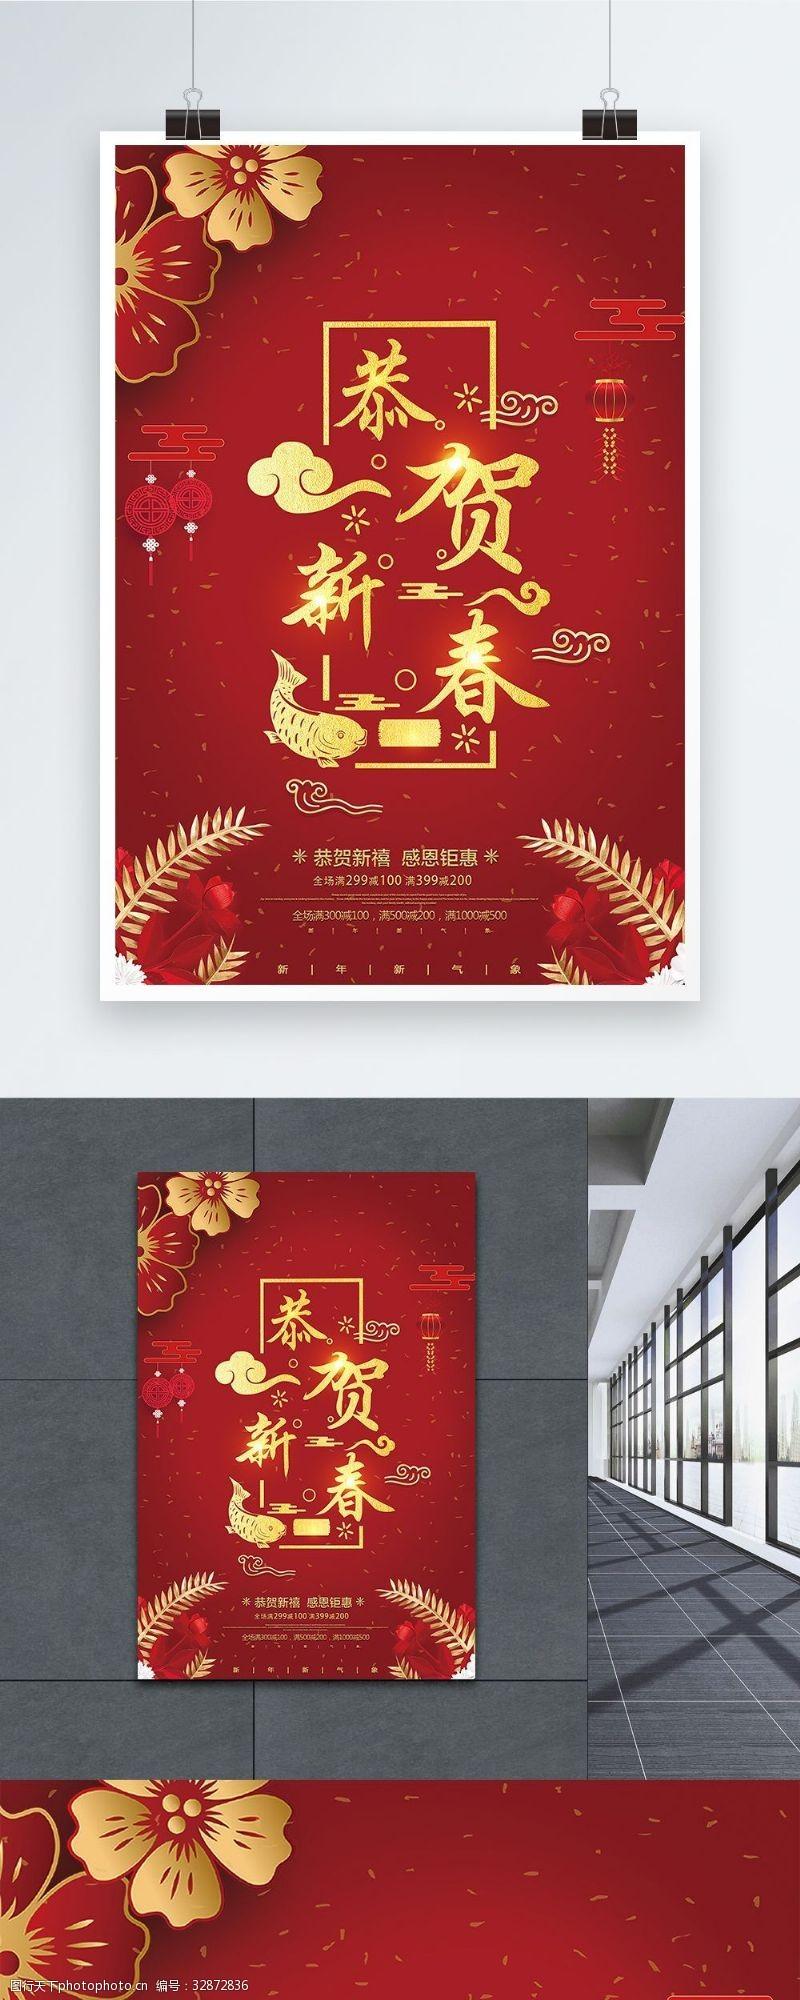 紅色恭賀新春新年促銷海報